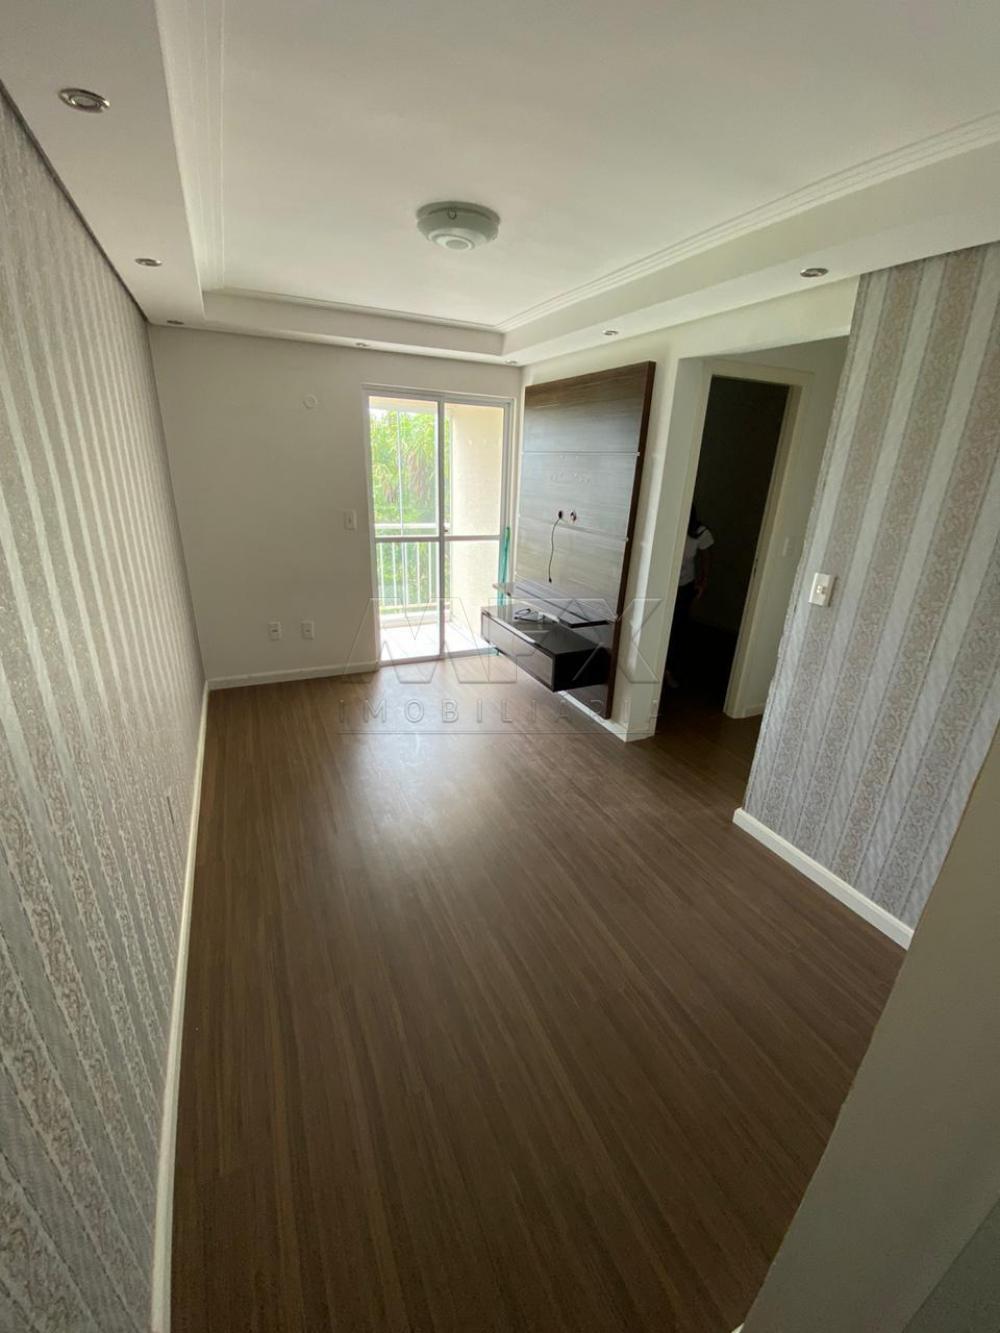 Comprar Apartamento / Padrão em Bauru apenas R$ 150.000,00 - Foto 4